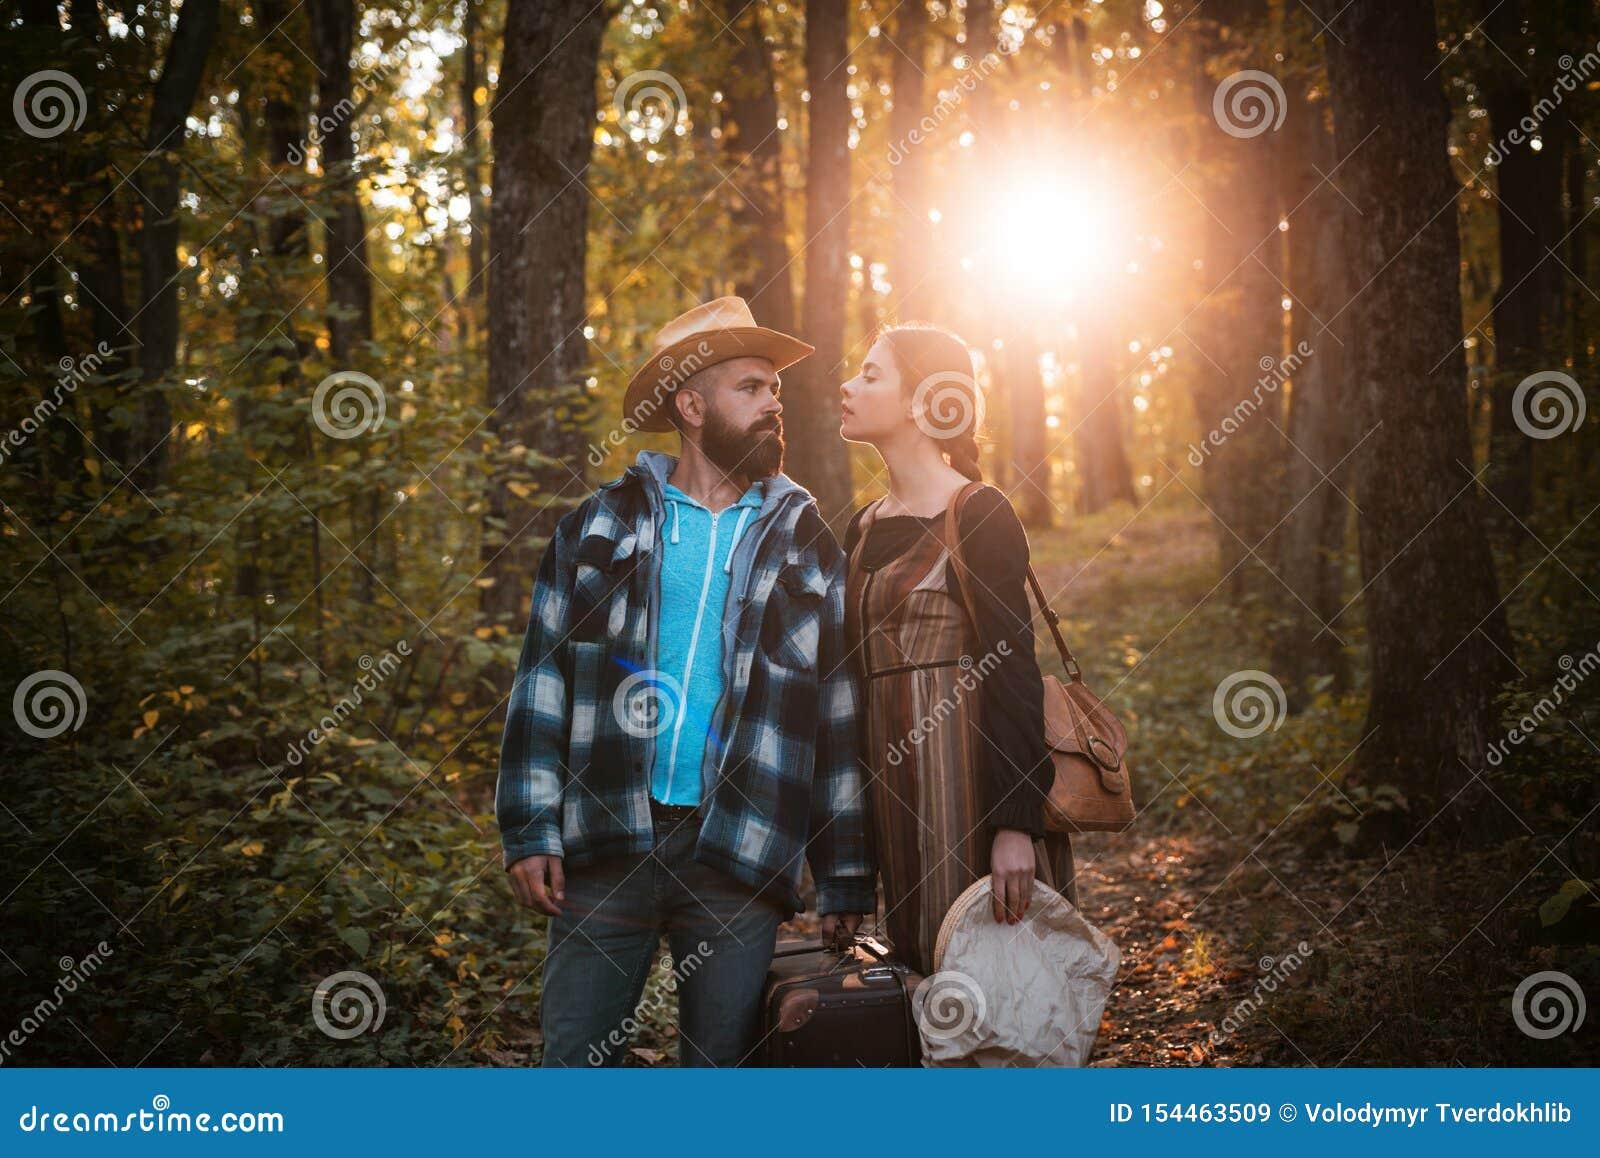 Jong paar in openlucht bij het park op mooie de herfstdag Avontuur, reis, toerisme, stijging en mensenconcept die - glimlachen